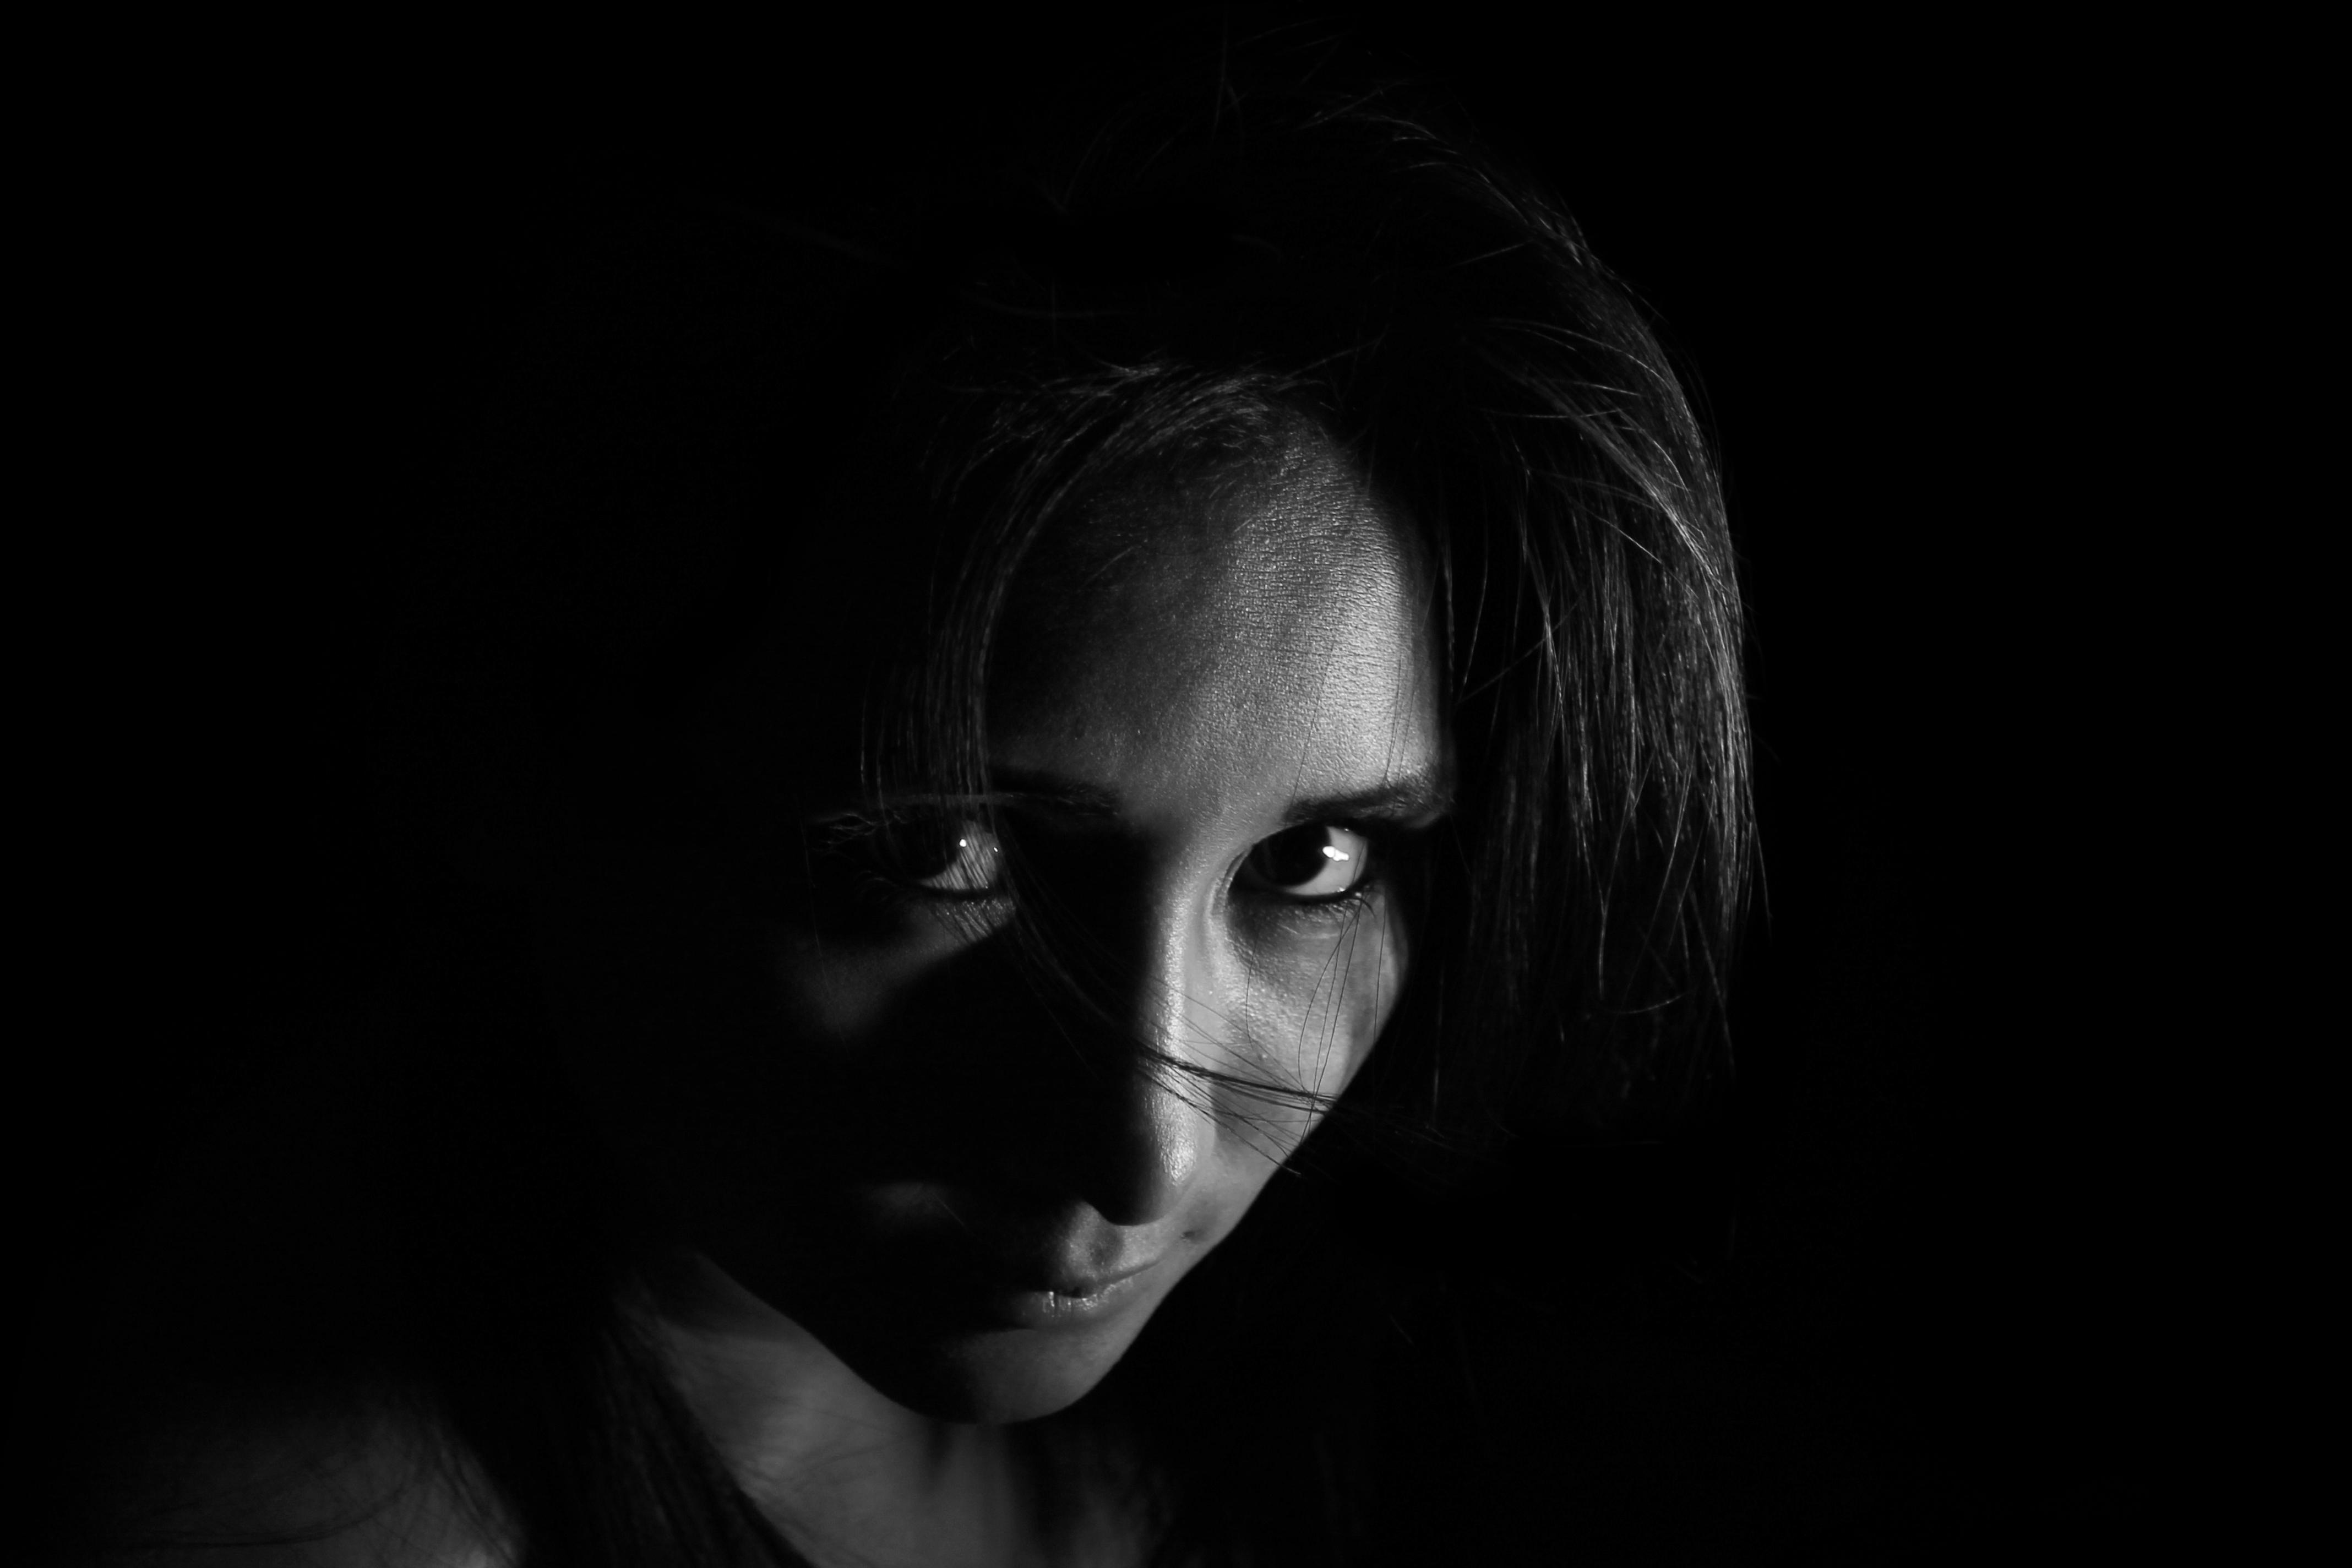 независимости площади как снять фотографию лицо в темноте инсценировке царских